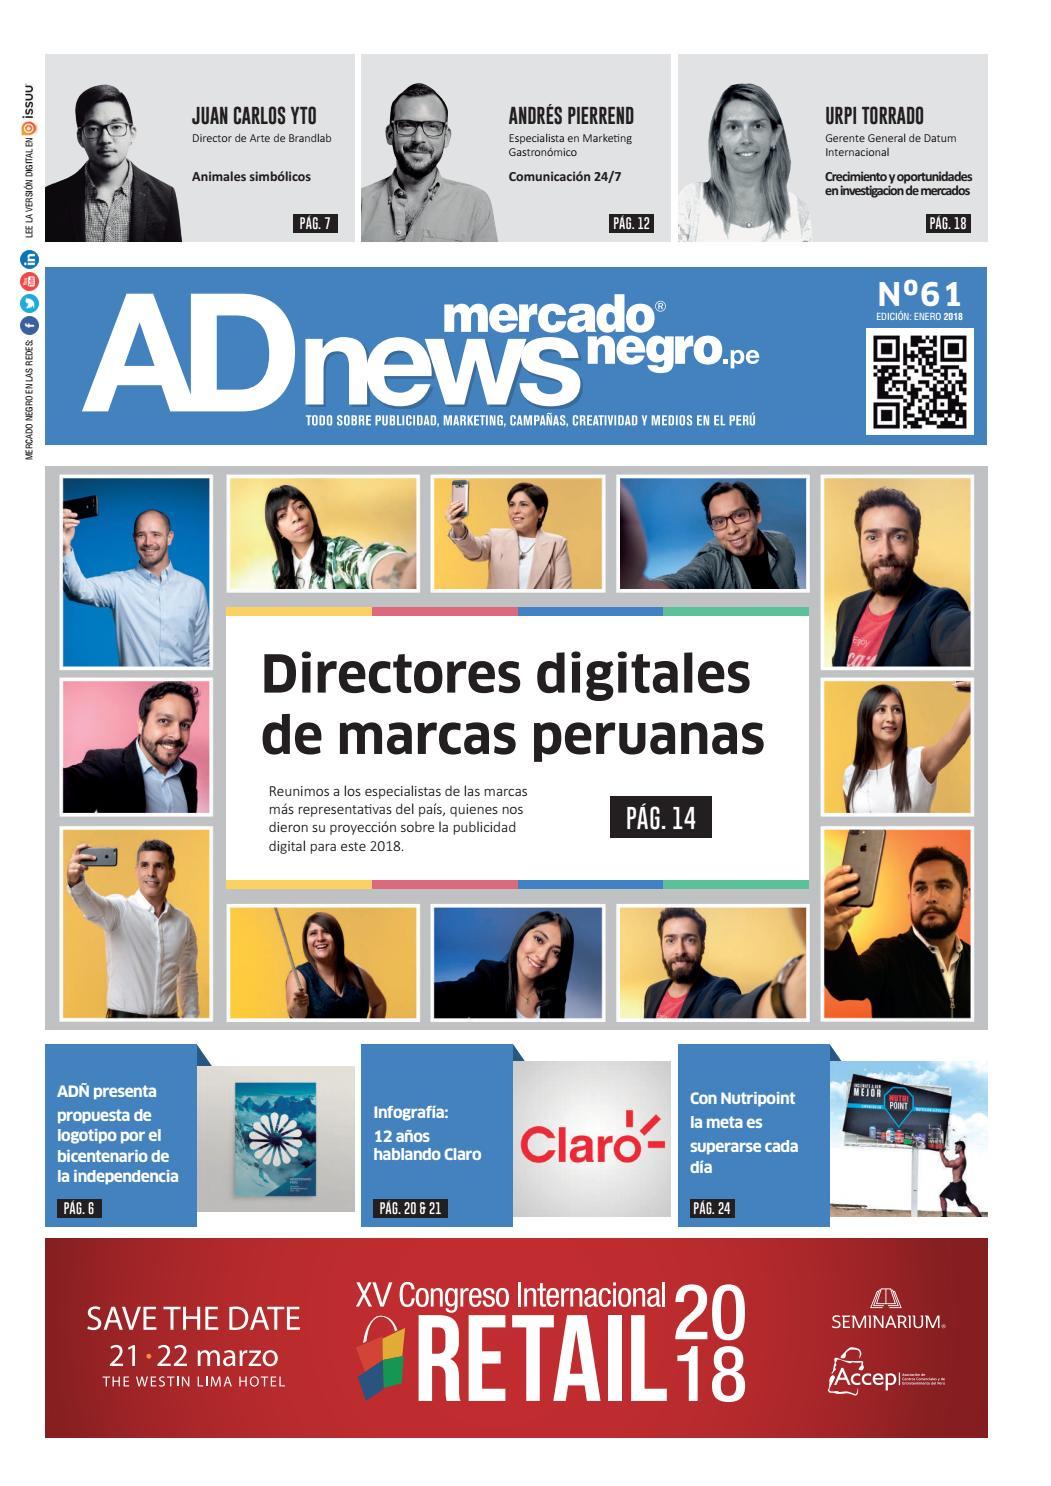 160c03a9e3394 AD News 61 - Enero 2018 by Mercado Negro Advertising - issuu